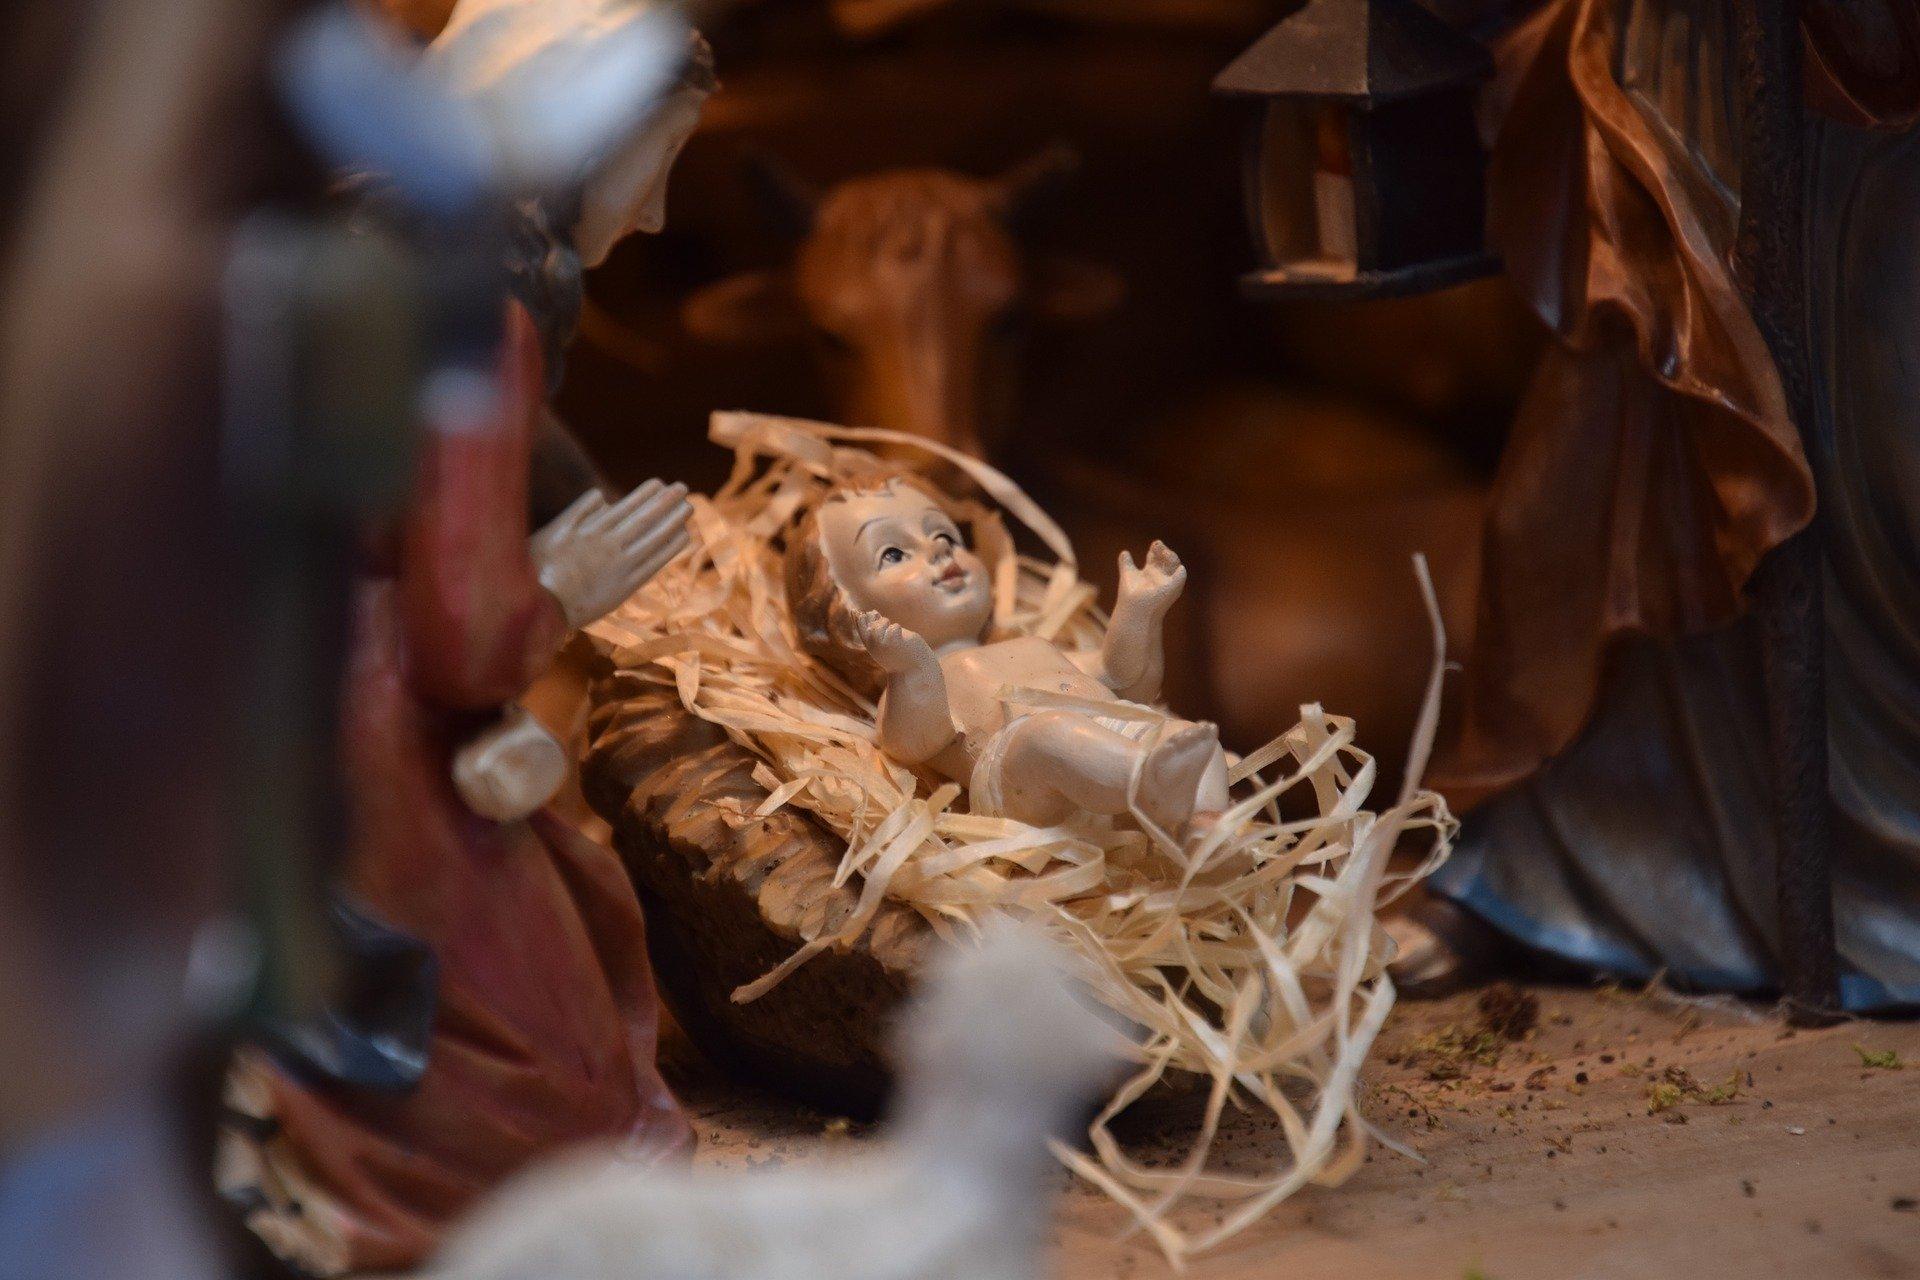 Lulajże Jezuniu, tekst i melodia kolędy